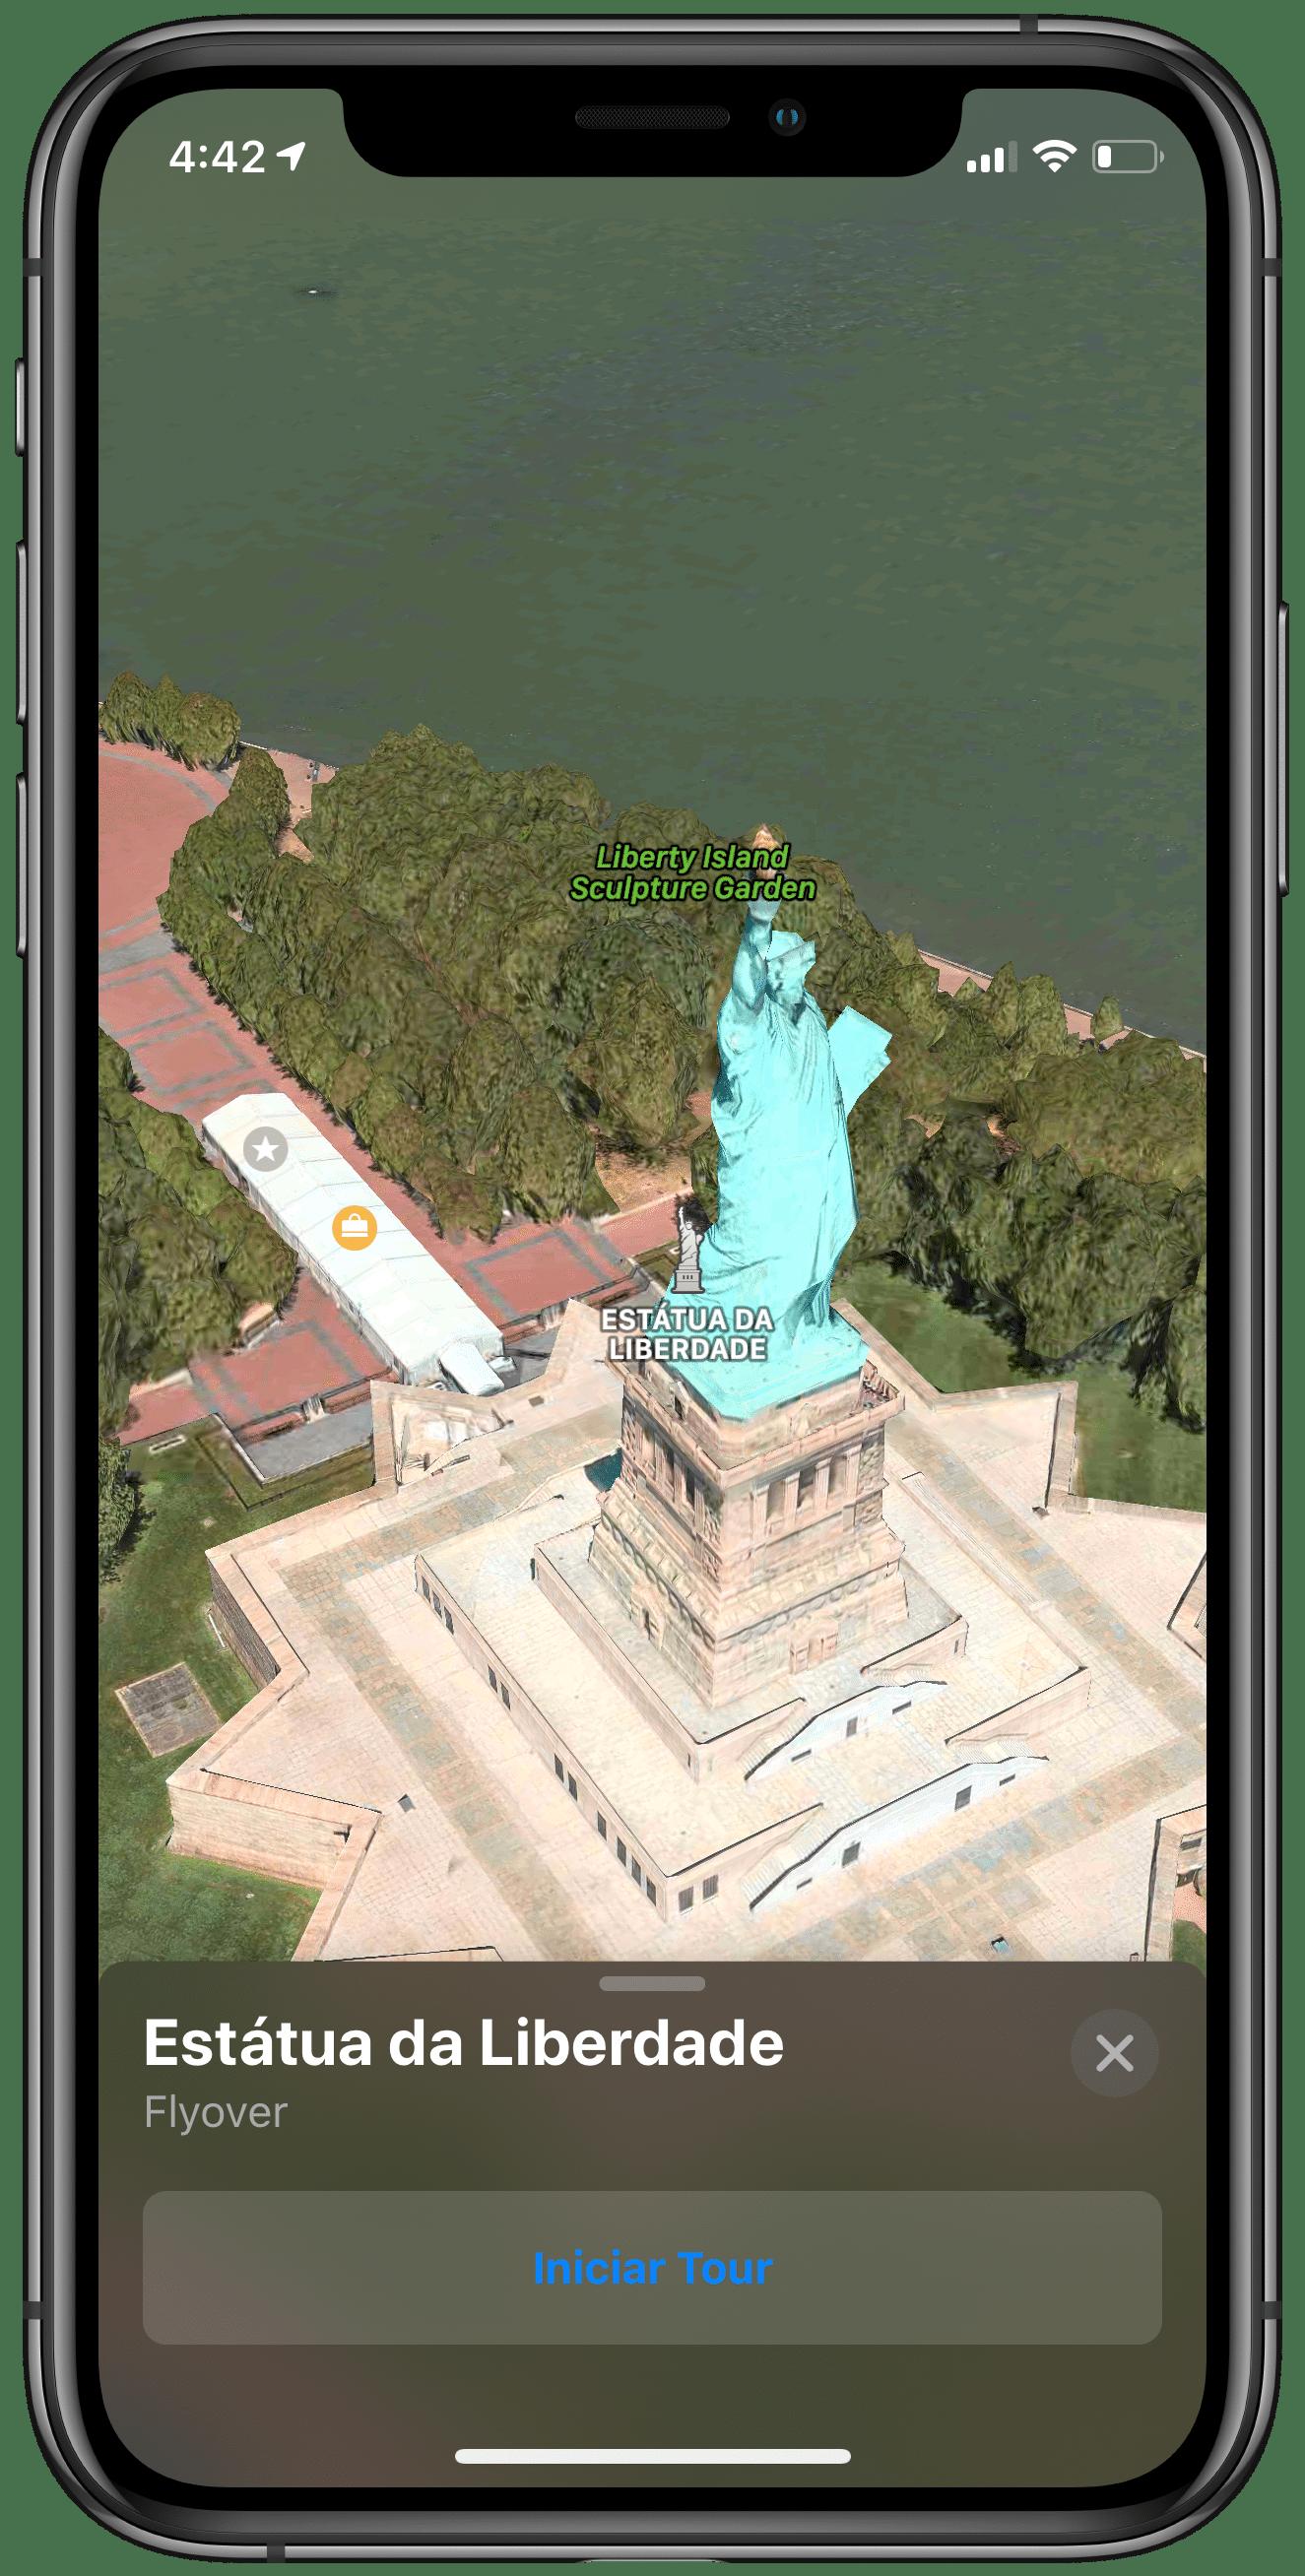 Flyover no Apple Maps